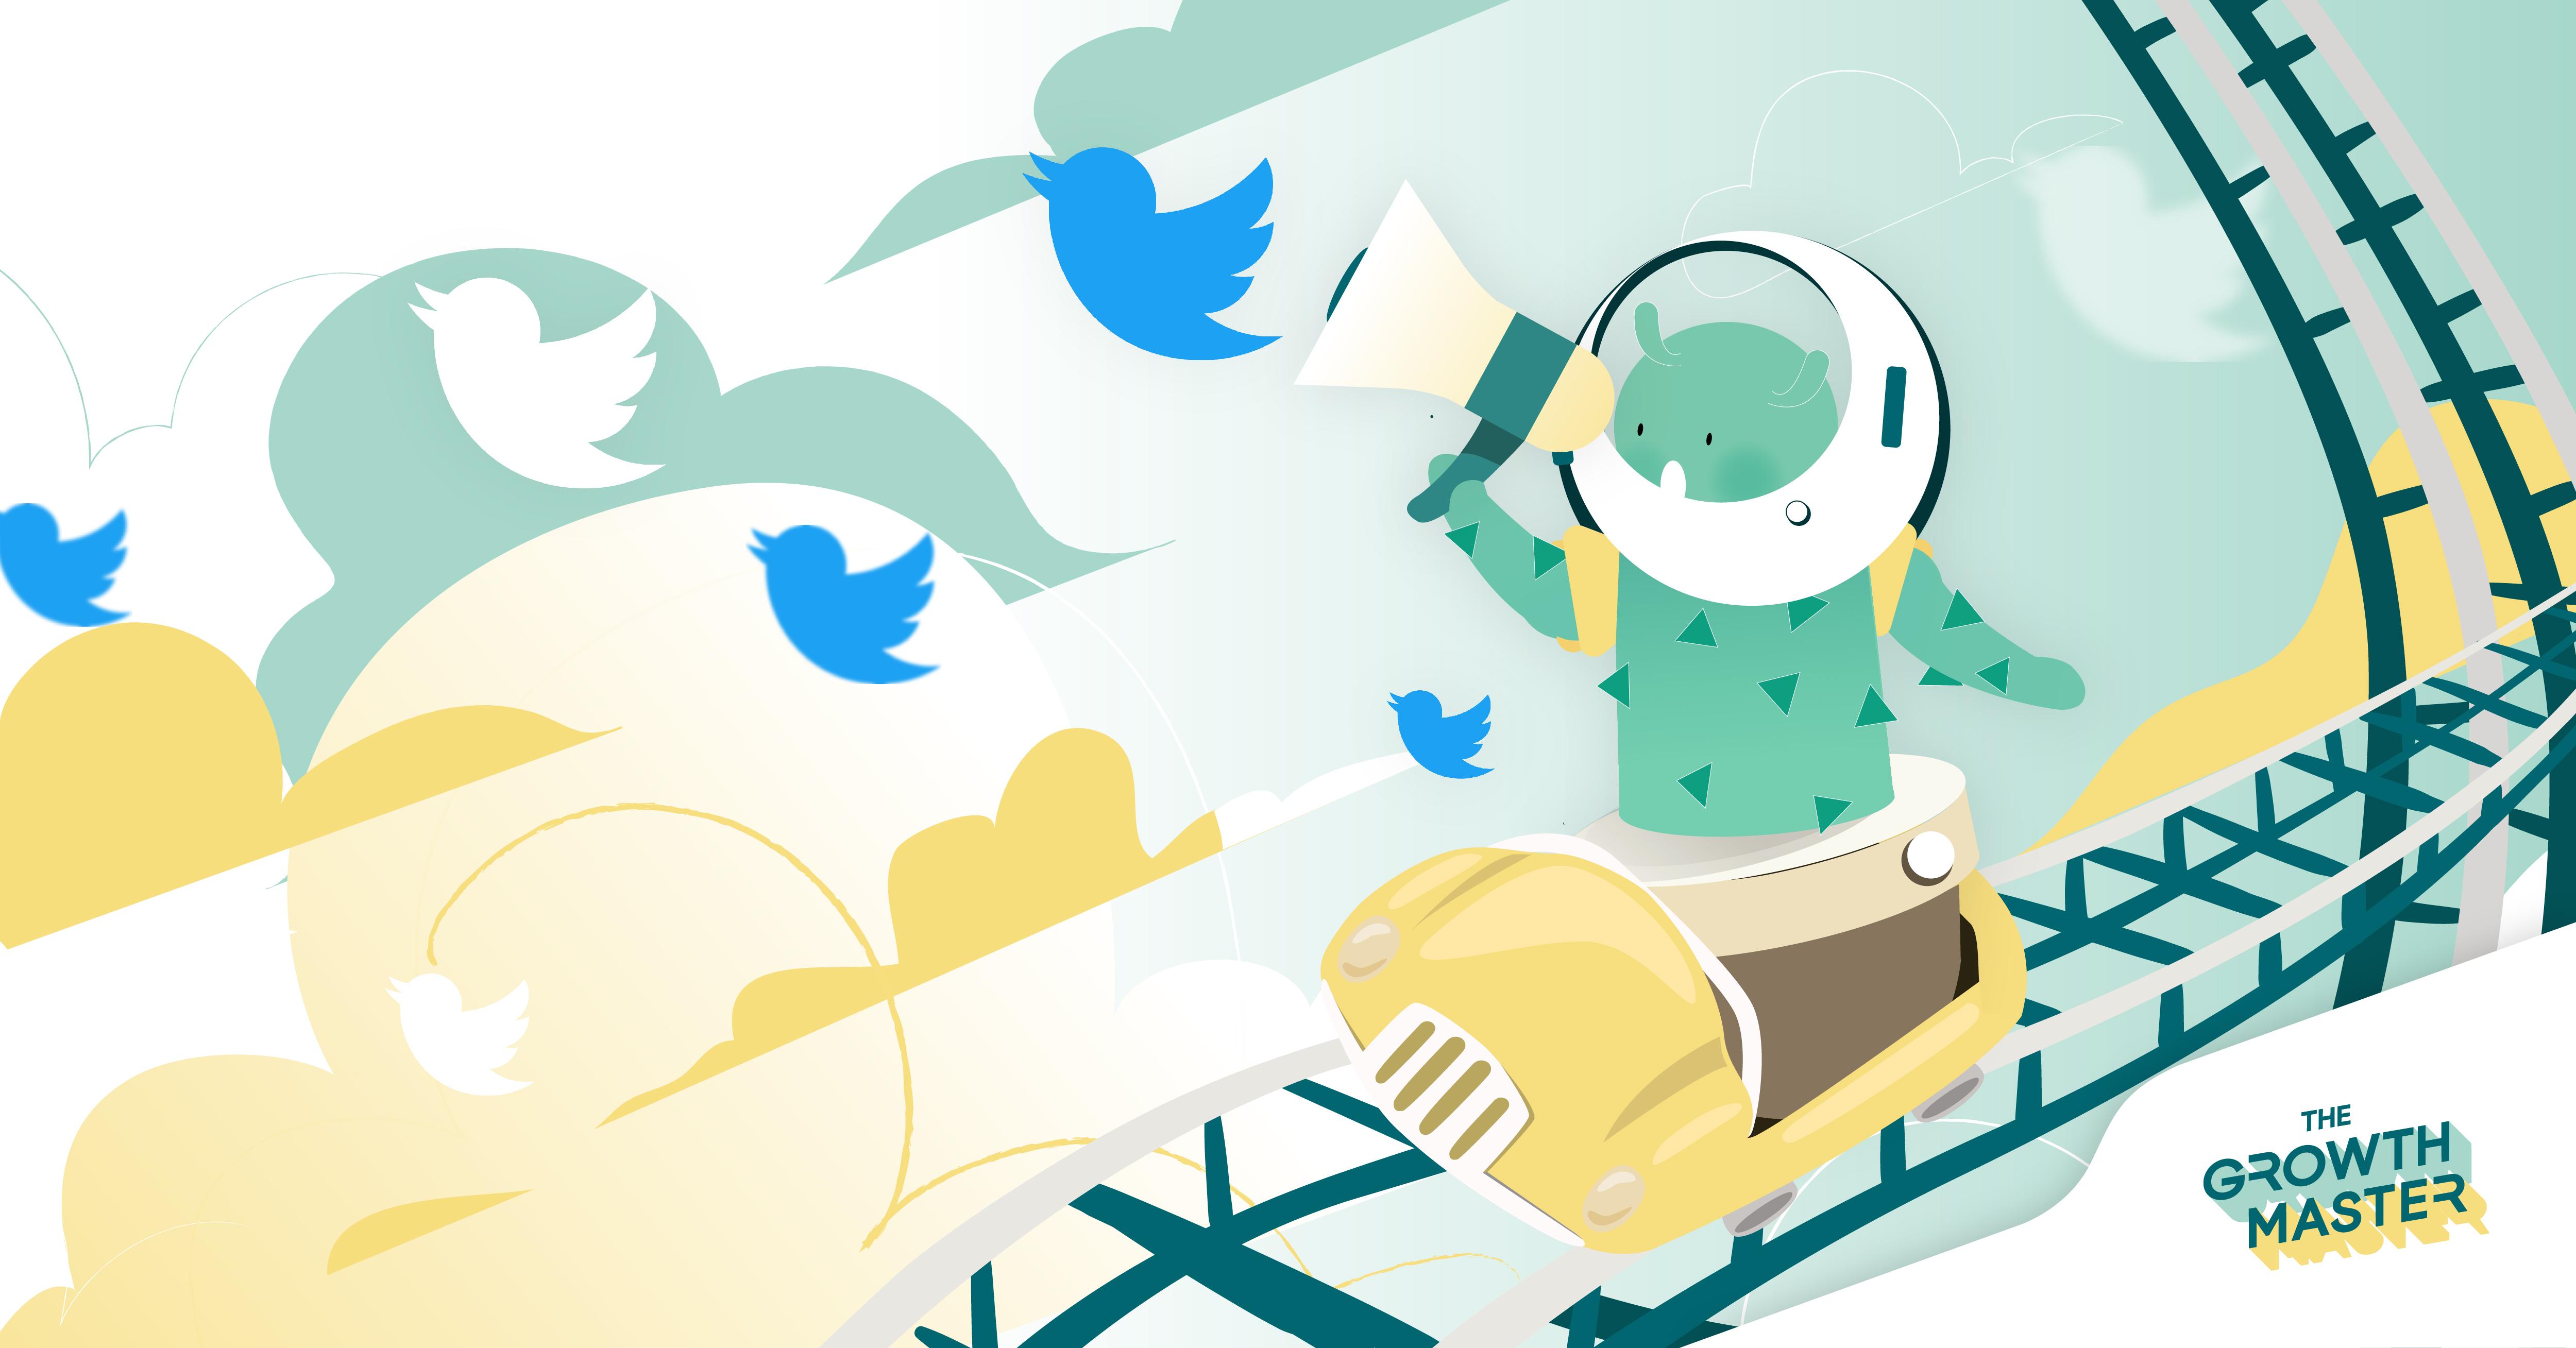 Twitter Ads 101 : เริ่มต้นการทำโฆษณาผ่าน Twitter พร้อมเทคนิคการใช้งาน เพื่อสร้างประโยชน์ให้ธุรกิจ